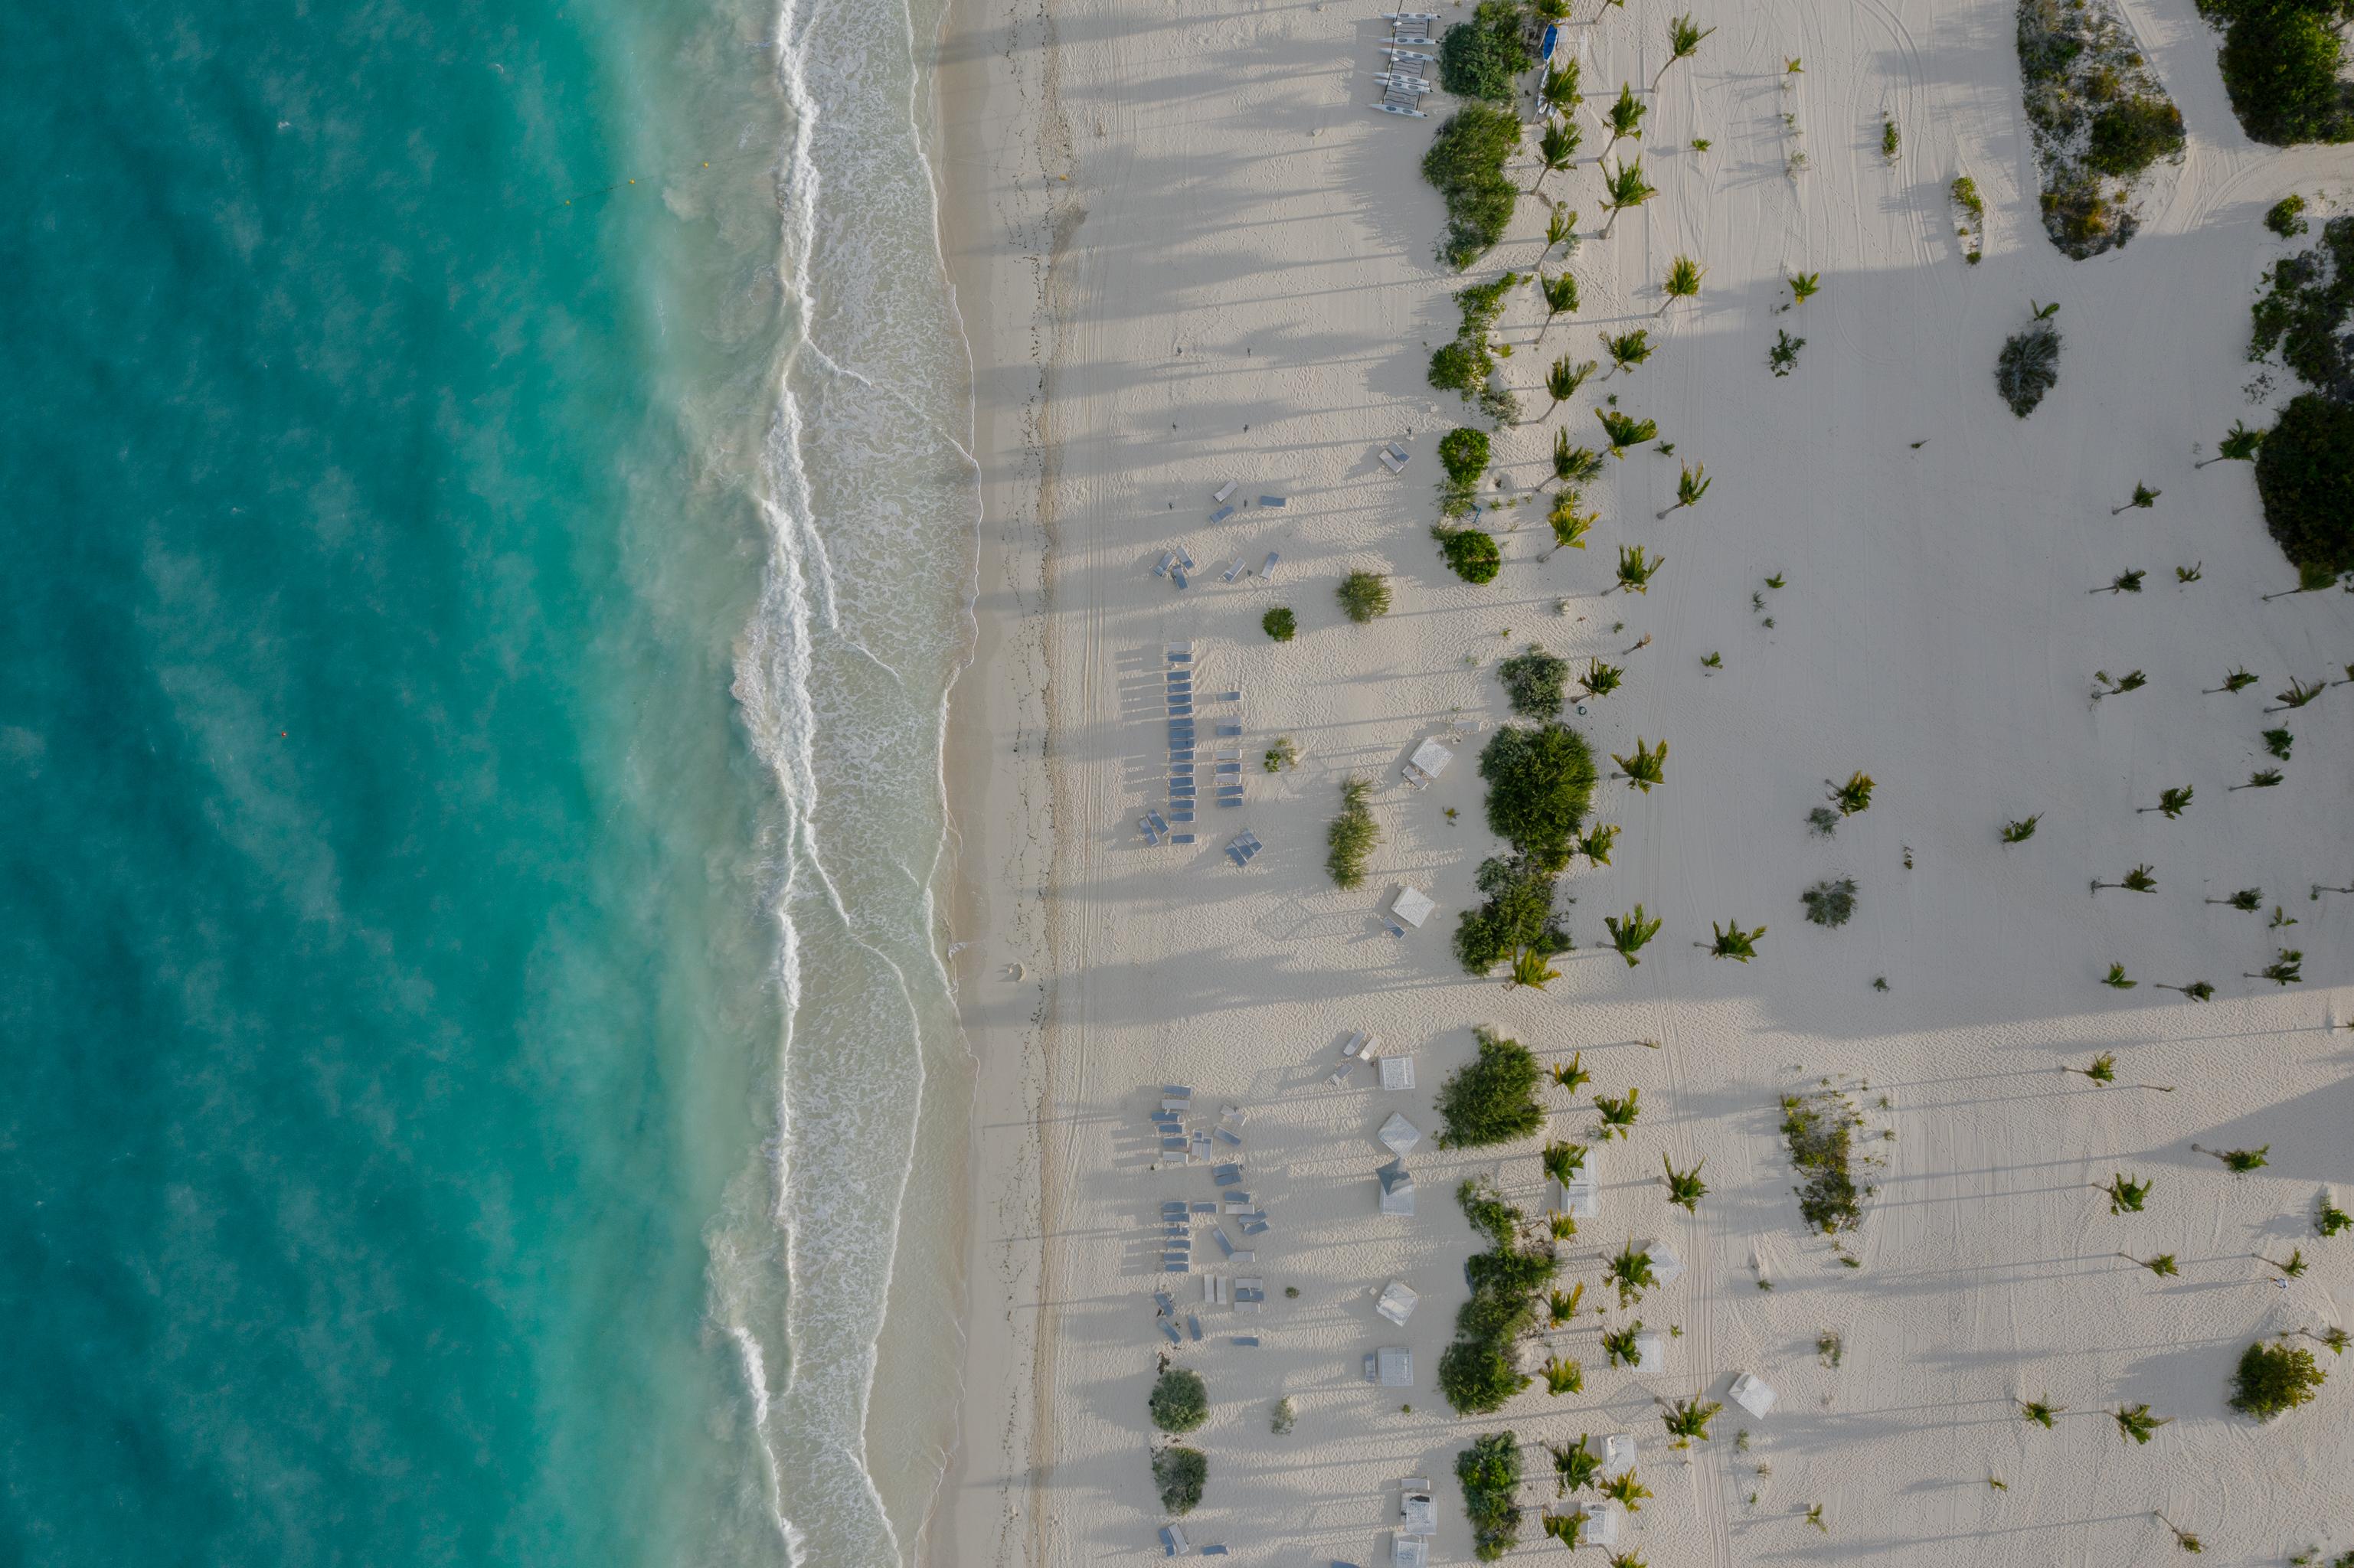 MECM_Beach Aerial View